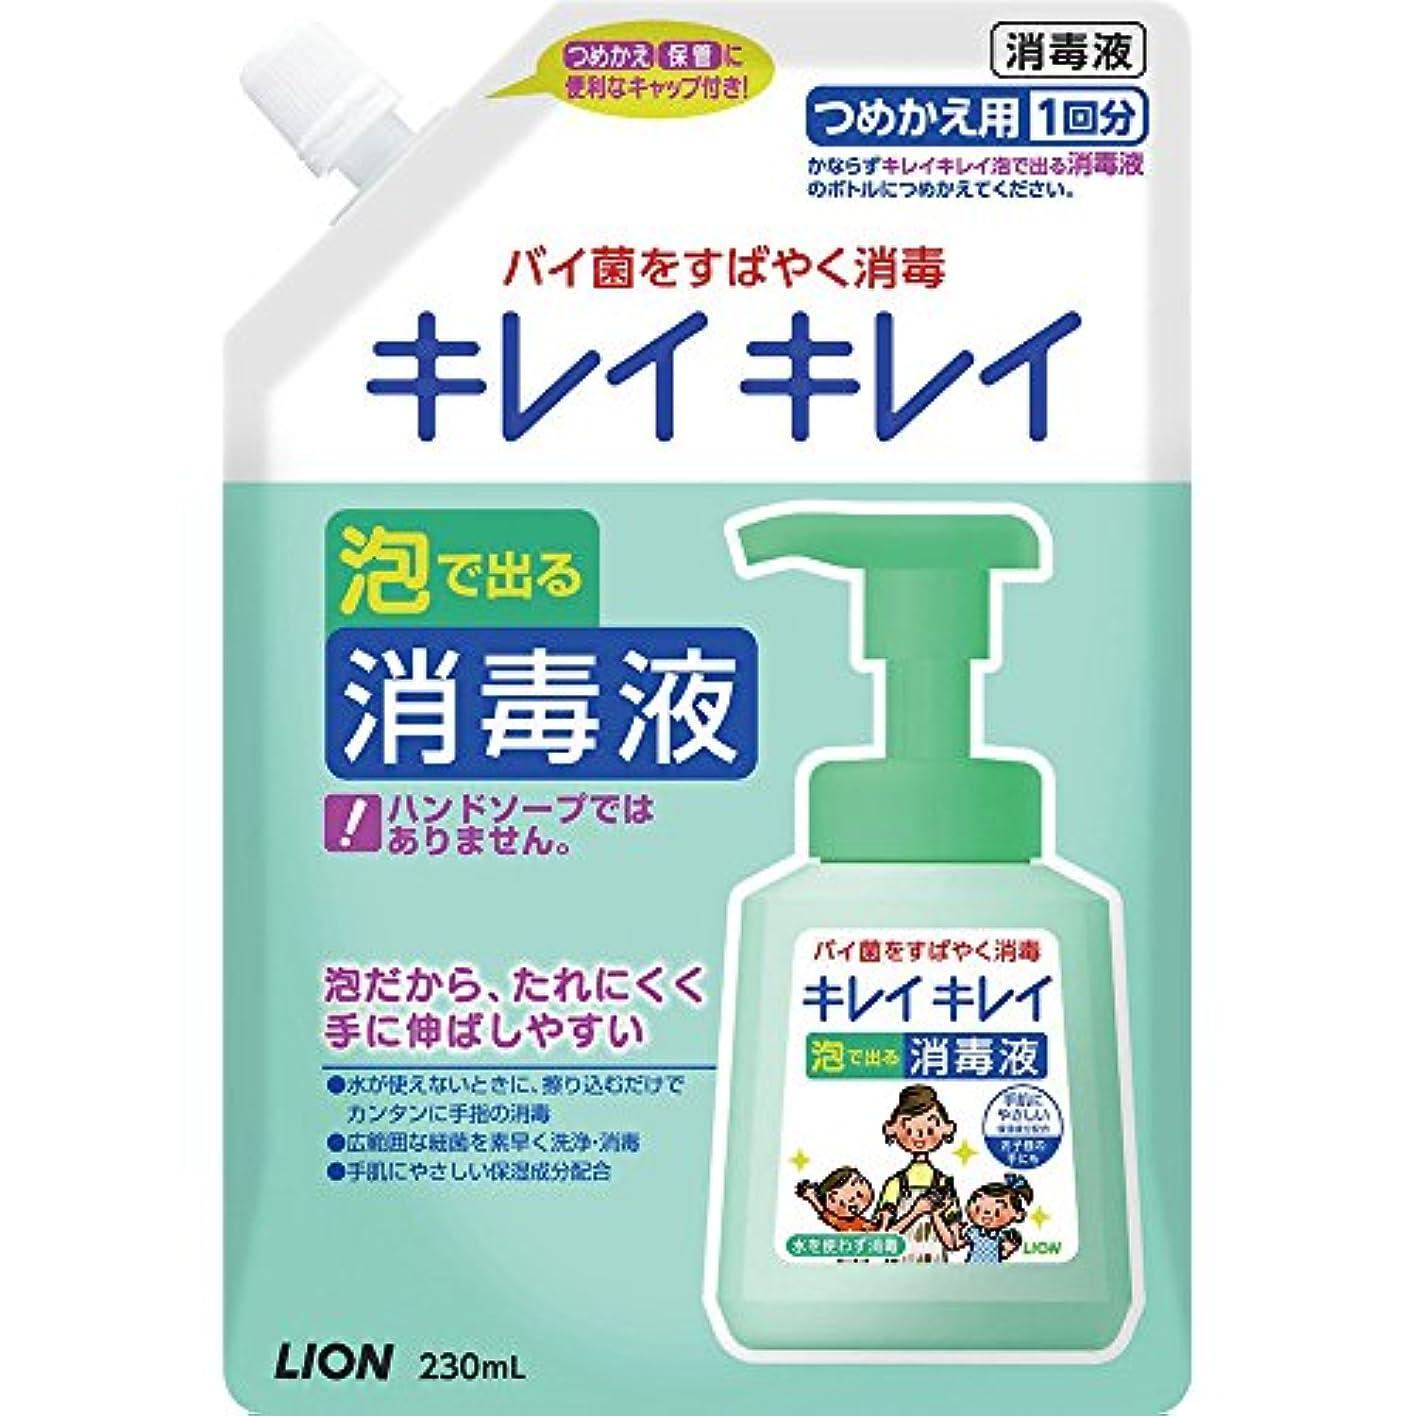 過度に脅威一掃するキレイキレイ 薬 泡ででる消毒液 詰替 230ml (指定医薬部外品)